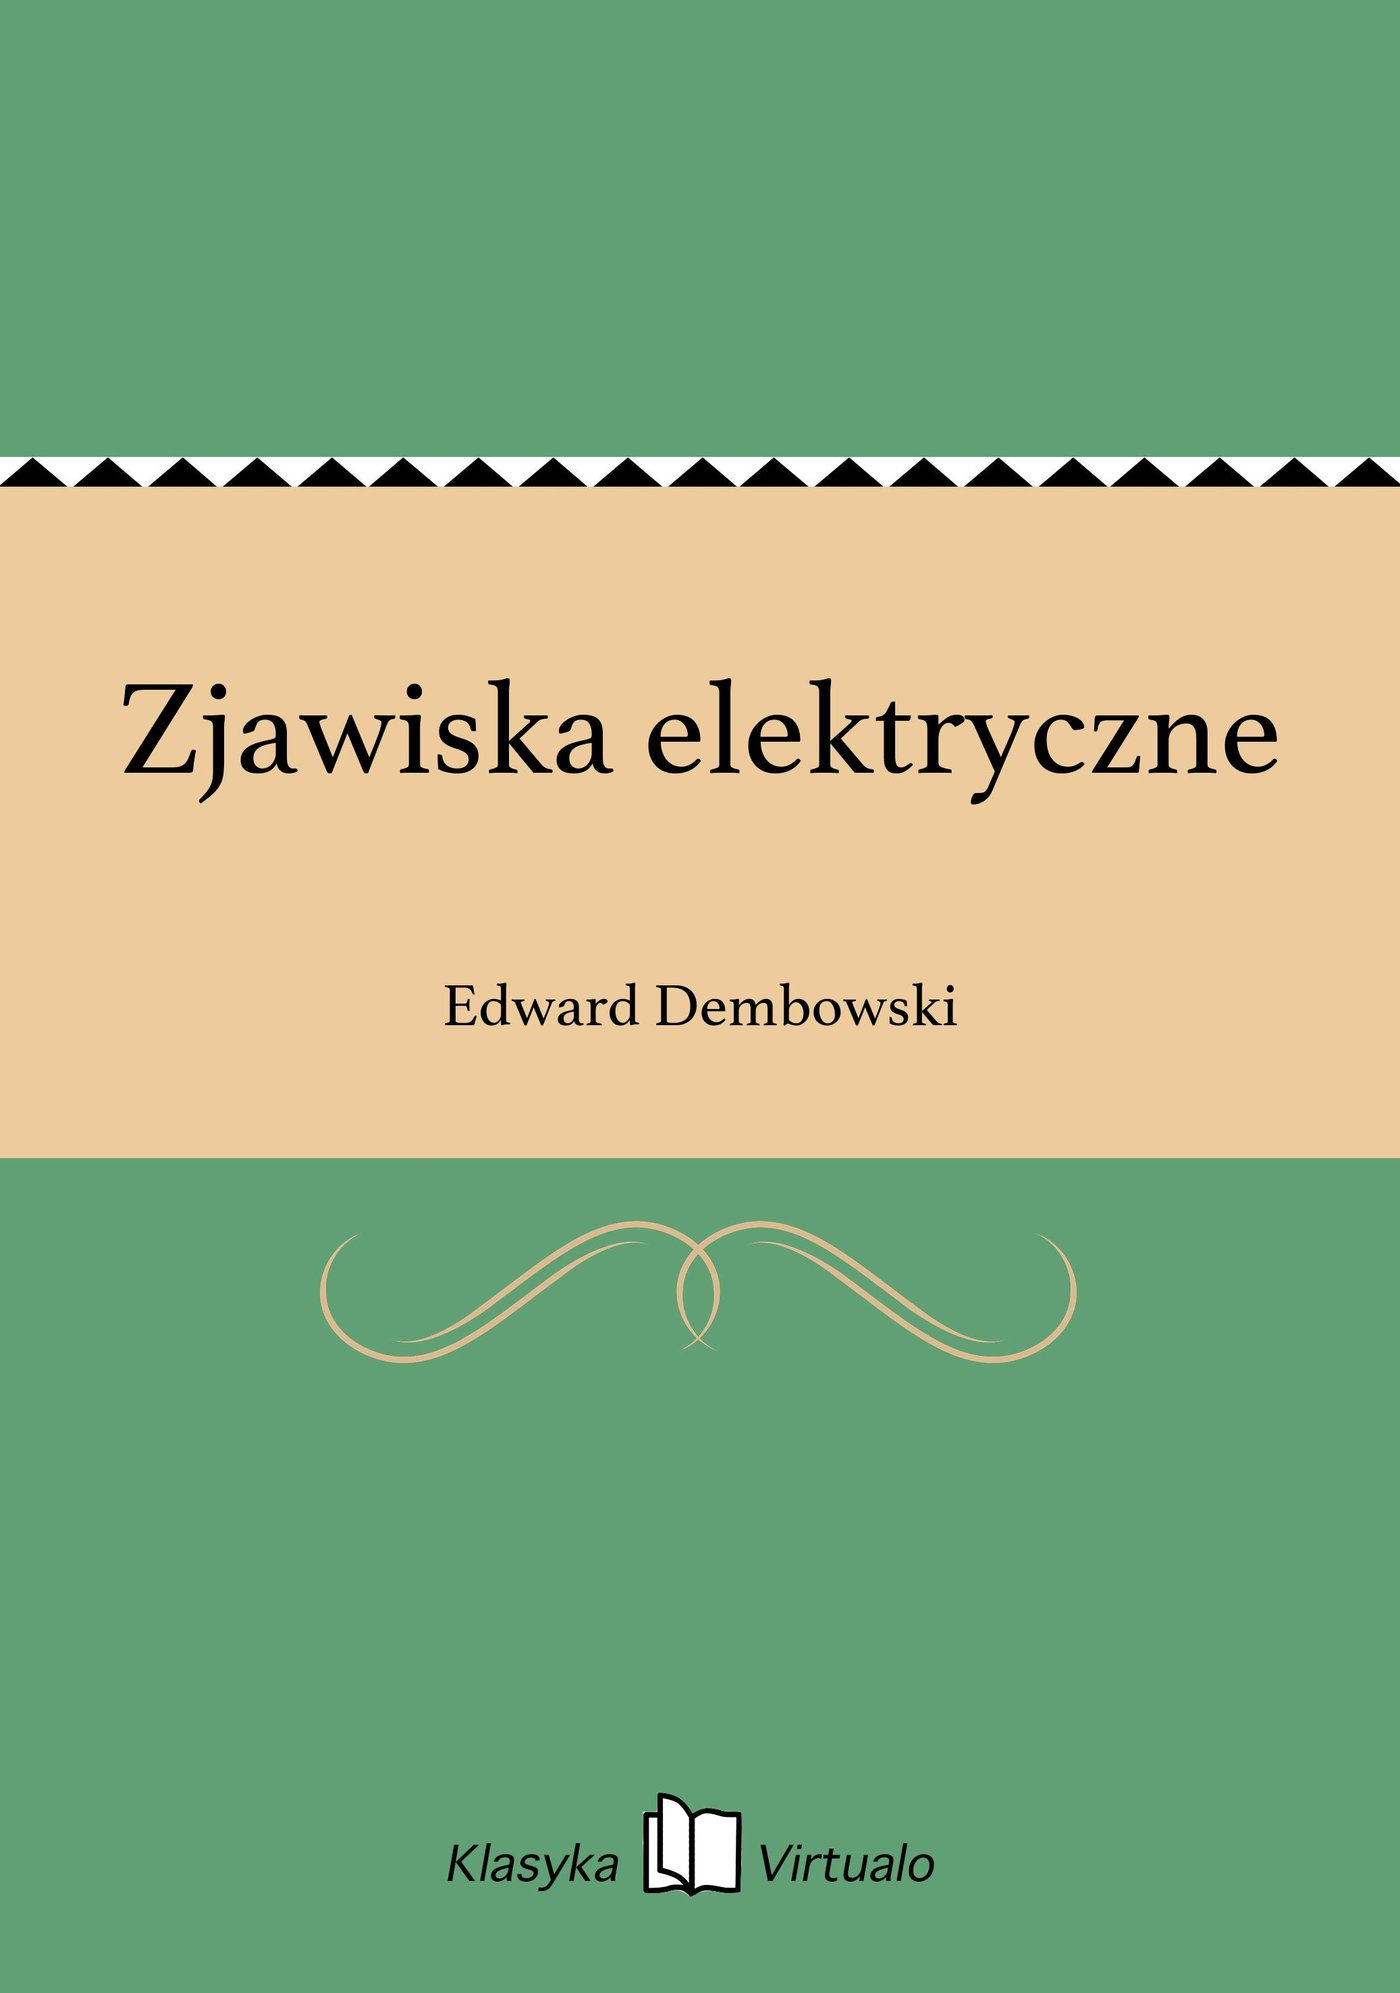 Zjawiska elektryczne - Ebook (Książka EPUB) do pobrania w formacie EPUB